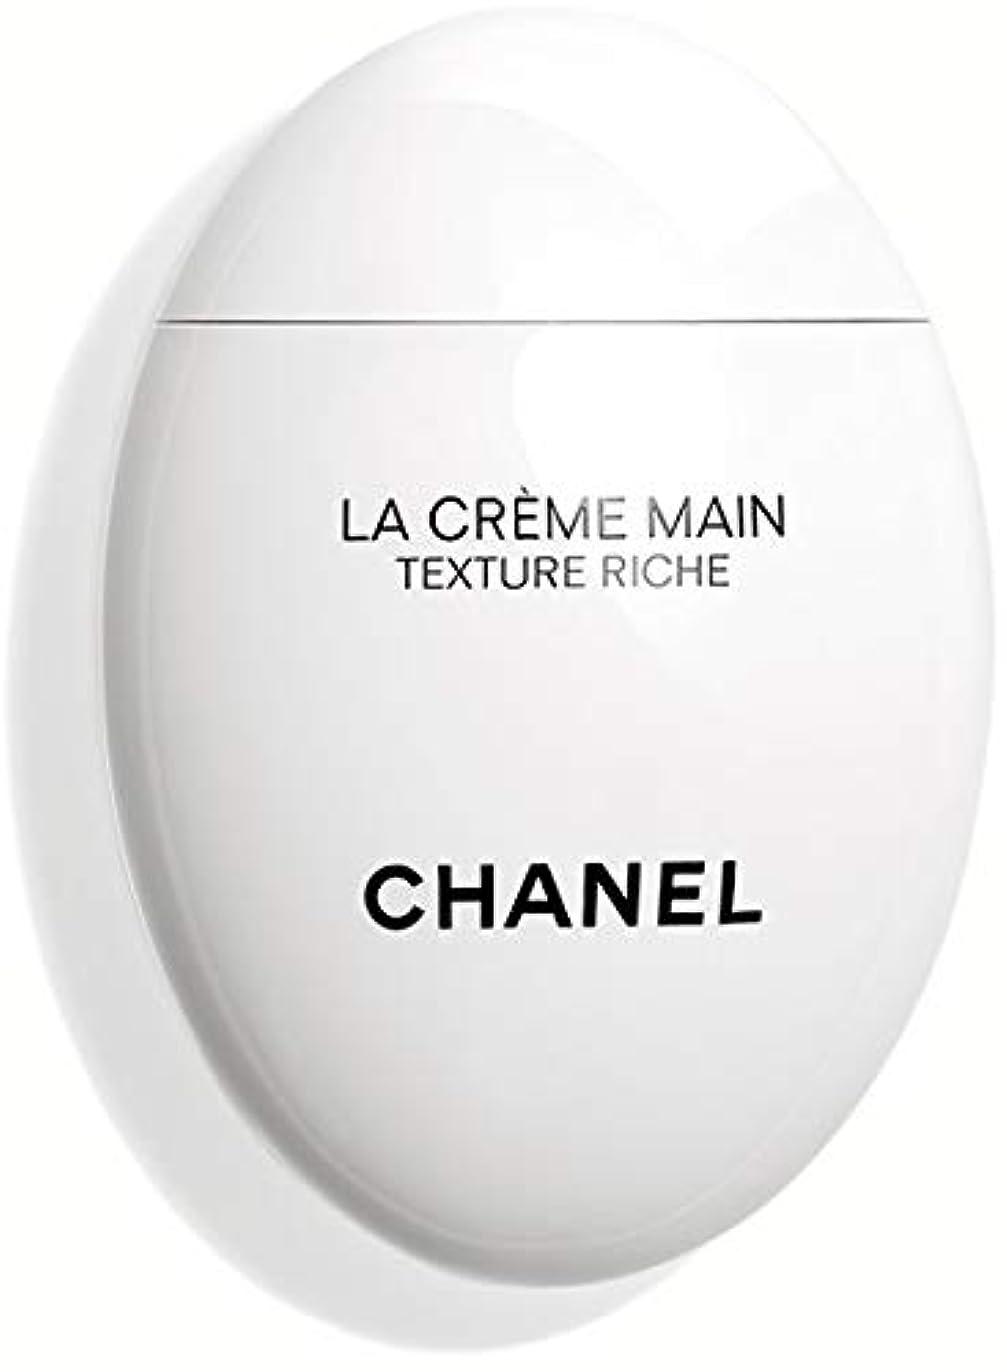 速記カテゴリー普通のCHANEL LA CREME MAIN TEXTURE RICHE シャネル ラ クレーム マン リッシュ ハンドクリーム (リッチ)50ml オリジナルラッピング&ショップバッグ